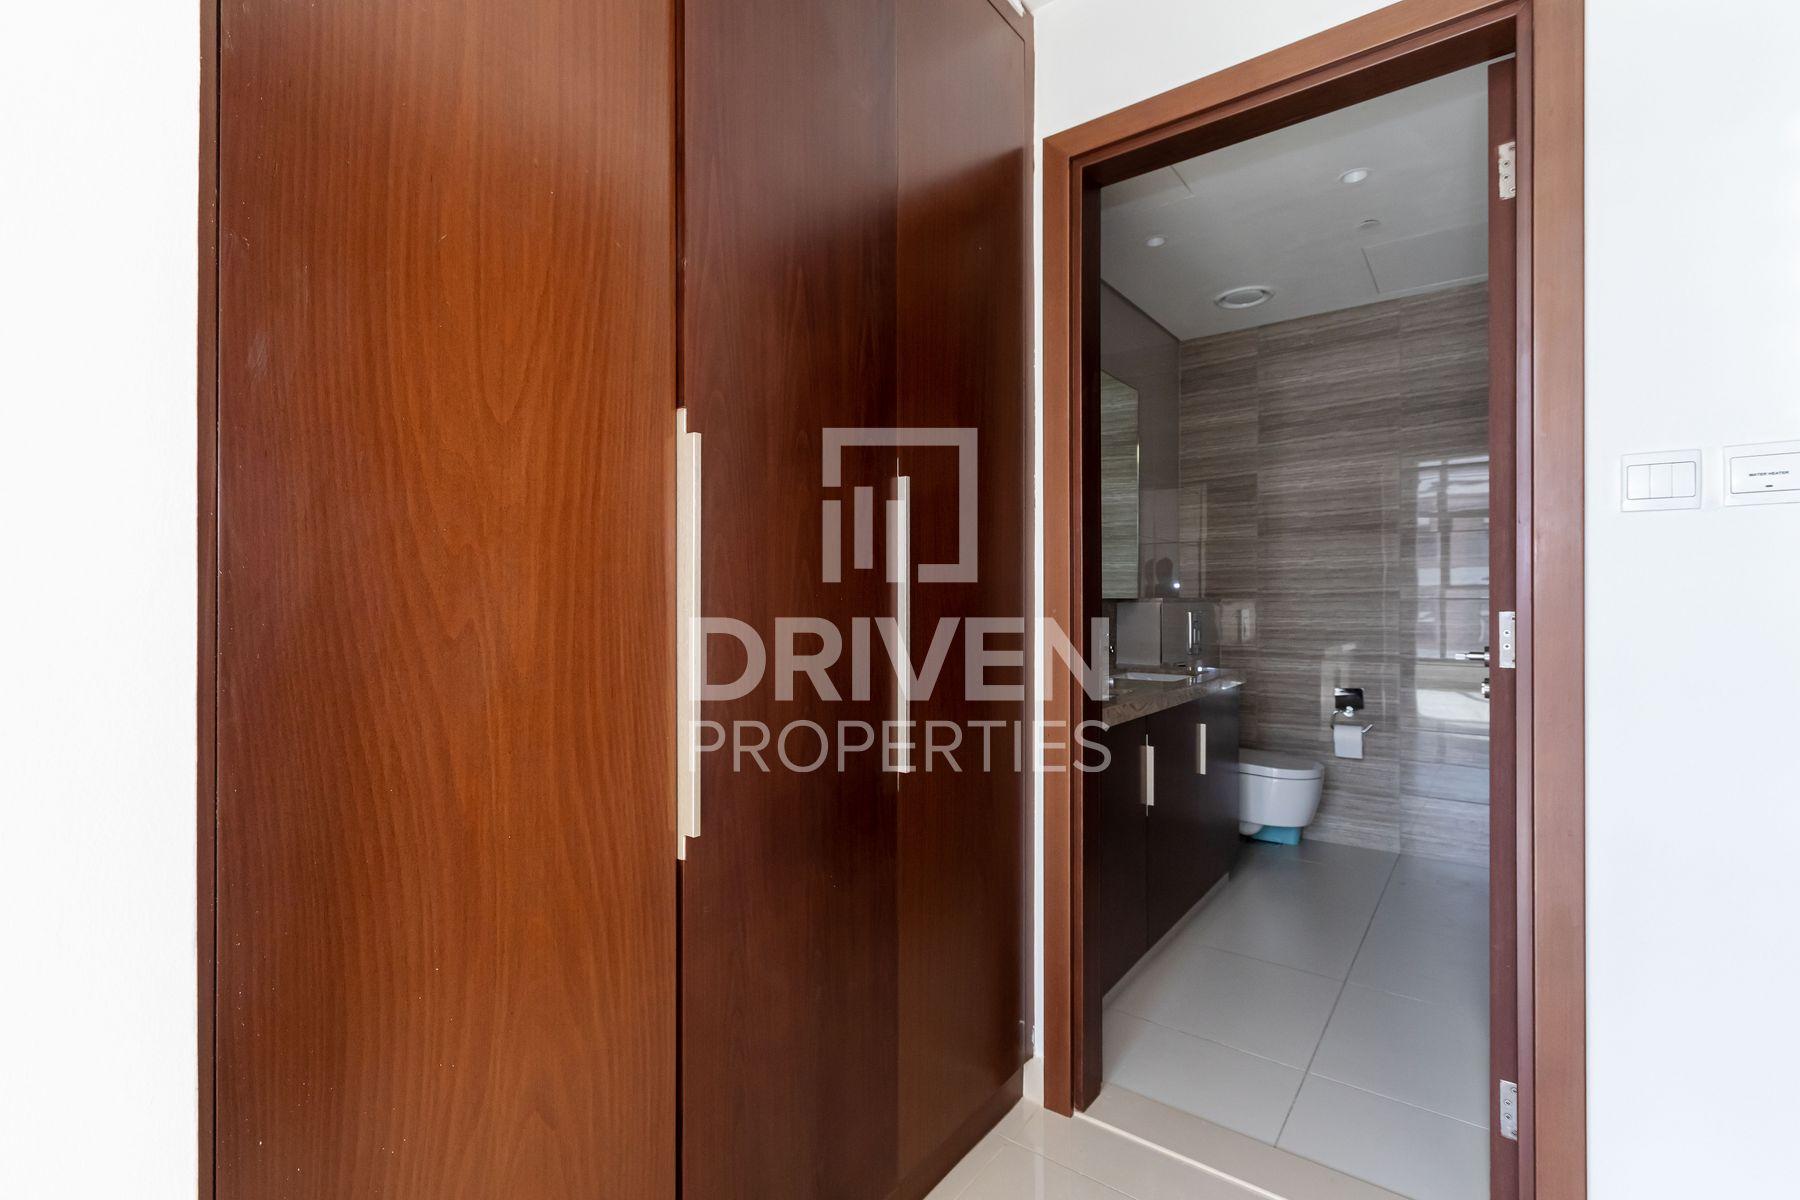 Apartment for Rent in Mulberry - Dubai Hills Estate